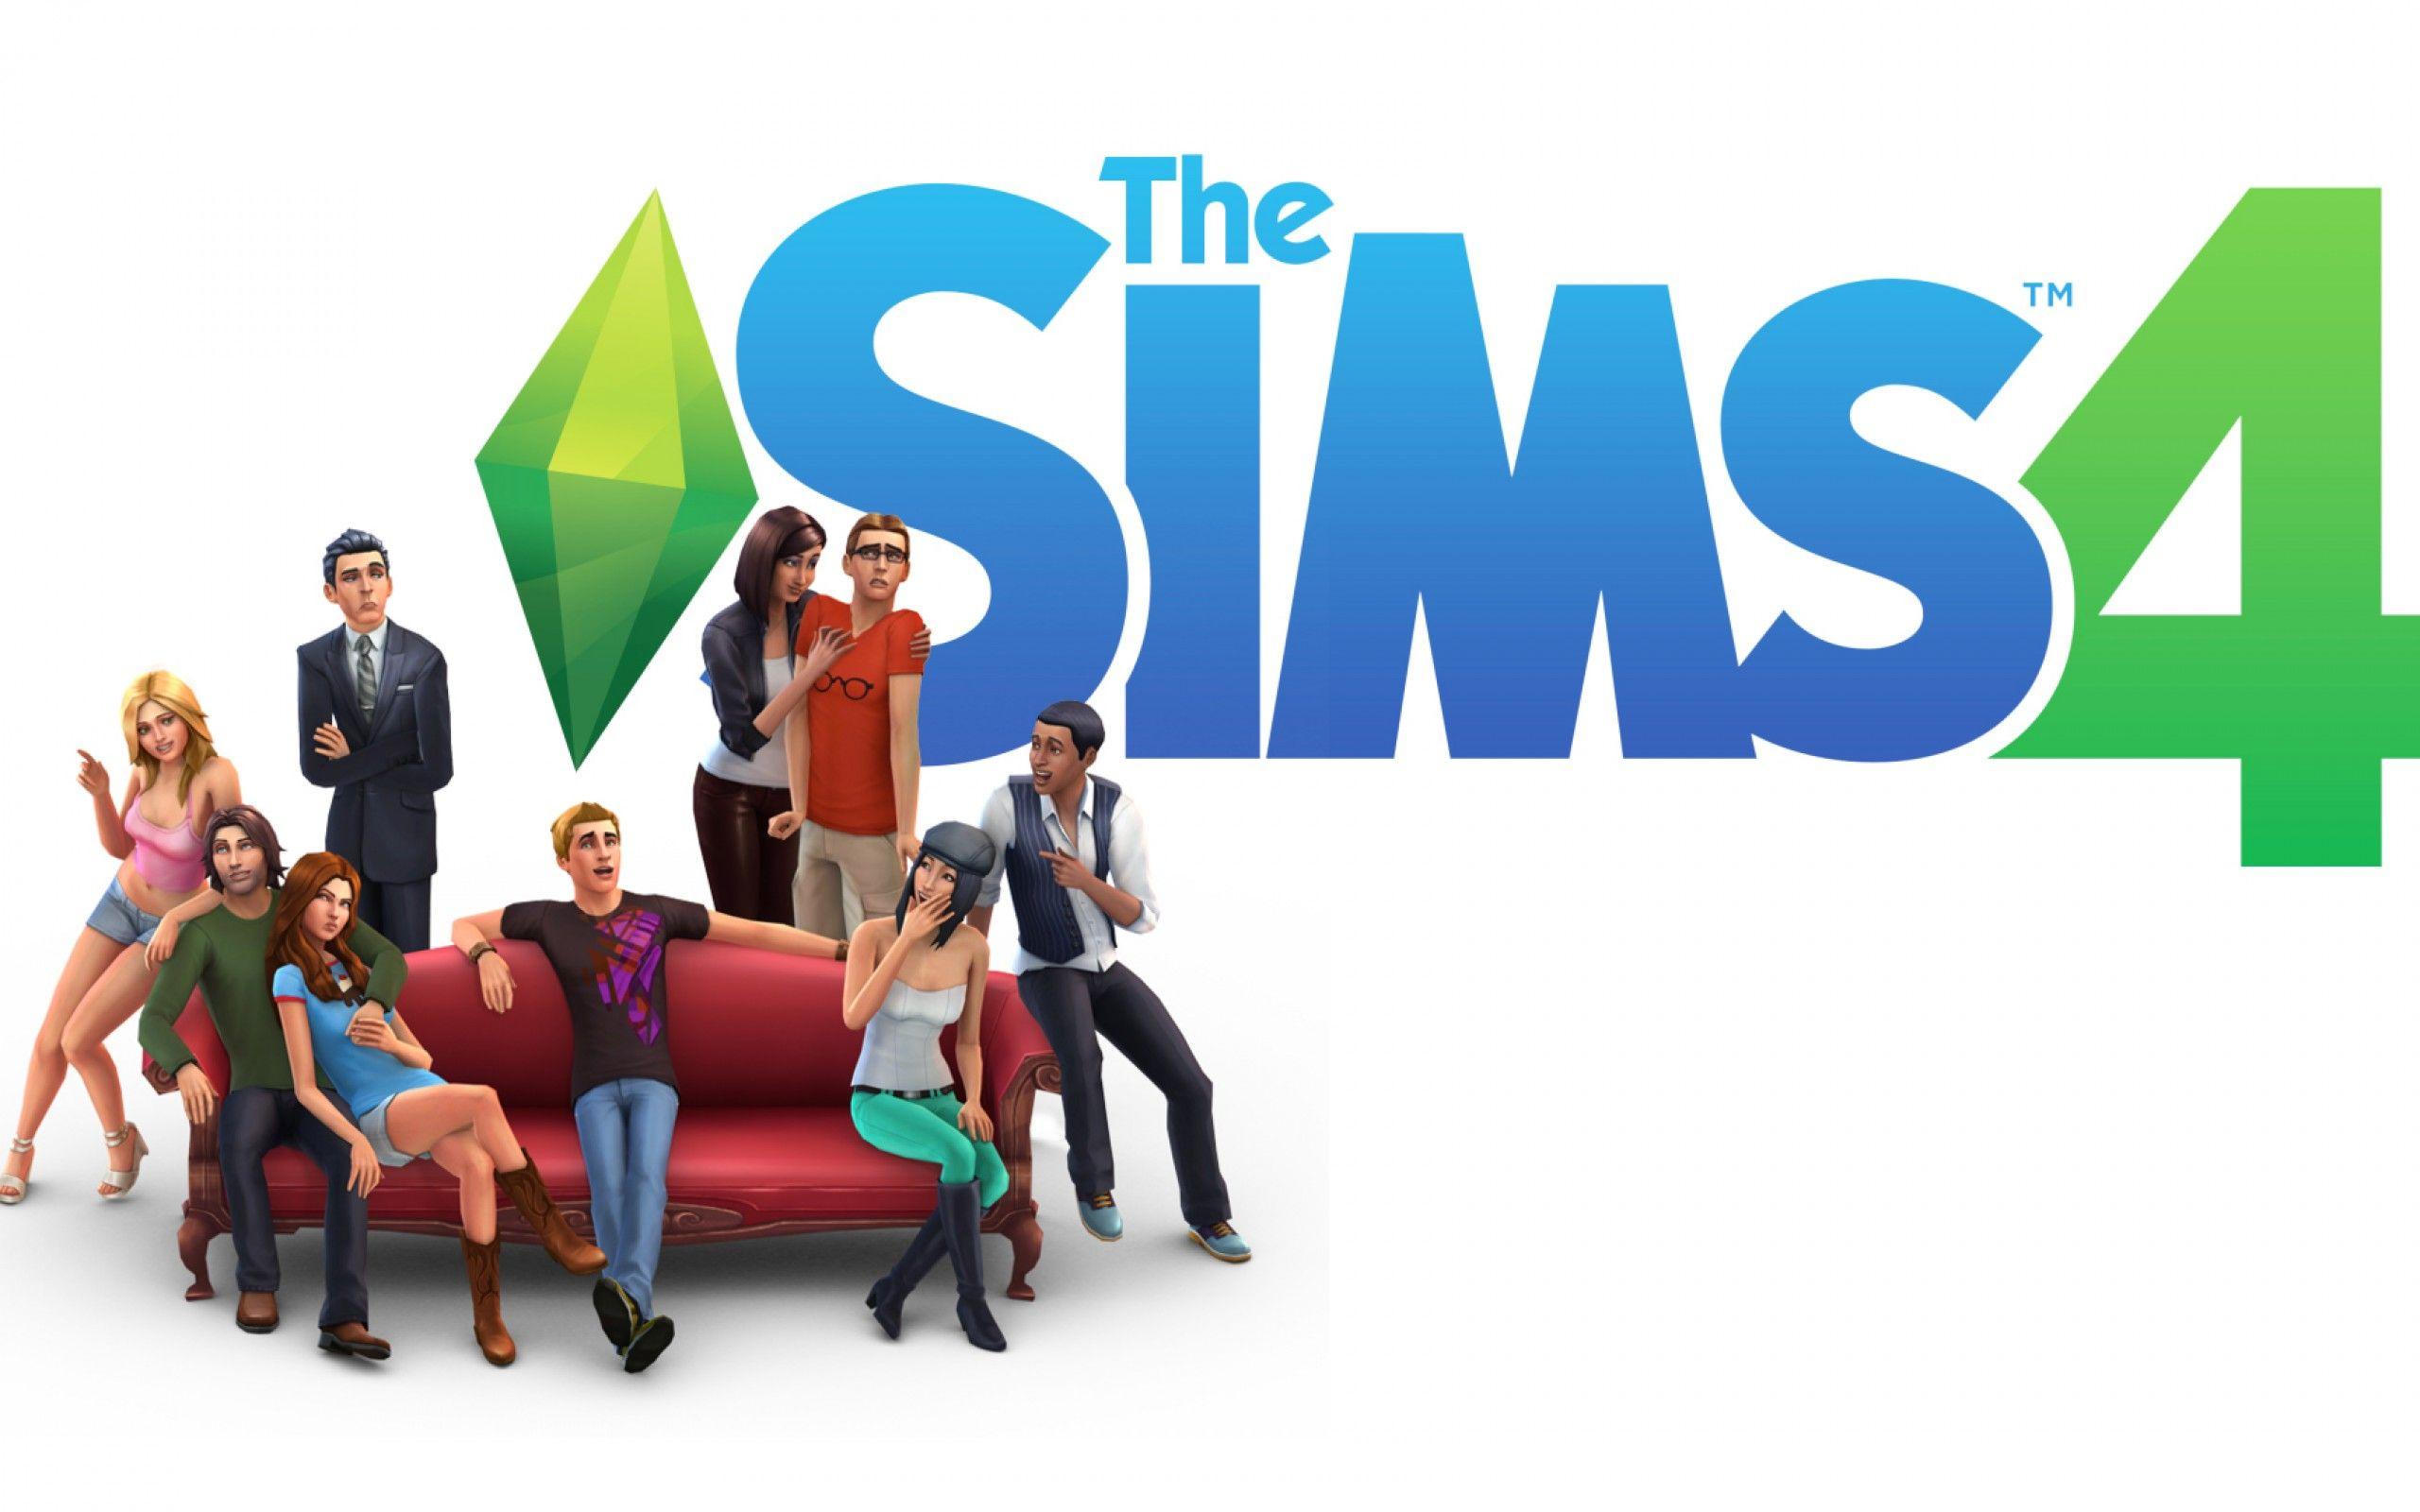 Sims 4 Wallpaper Hd Dekstop Sims 4 Characters Sims 4 Sims 4 Game